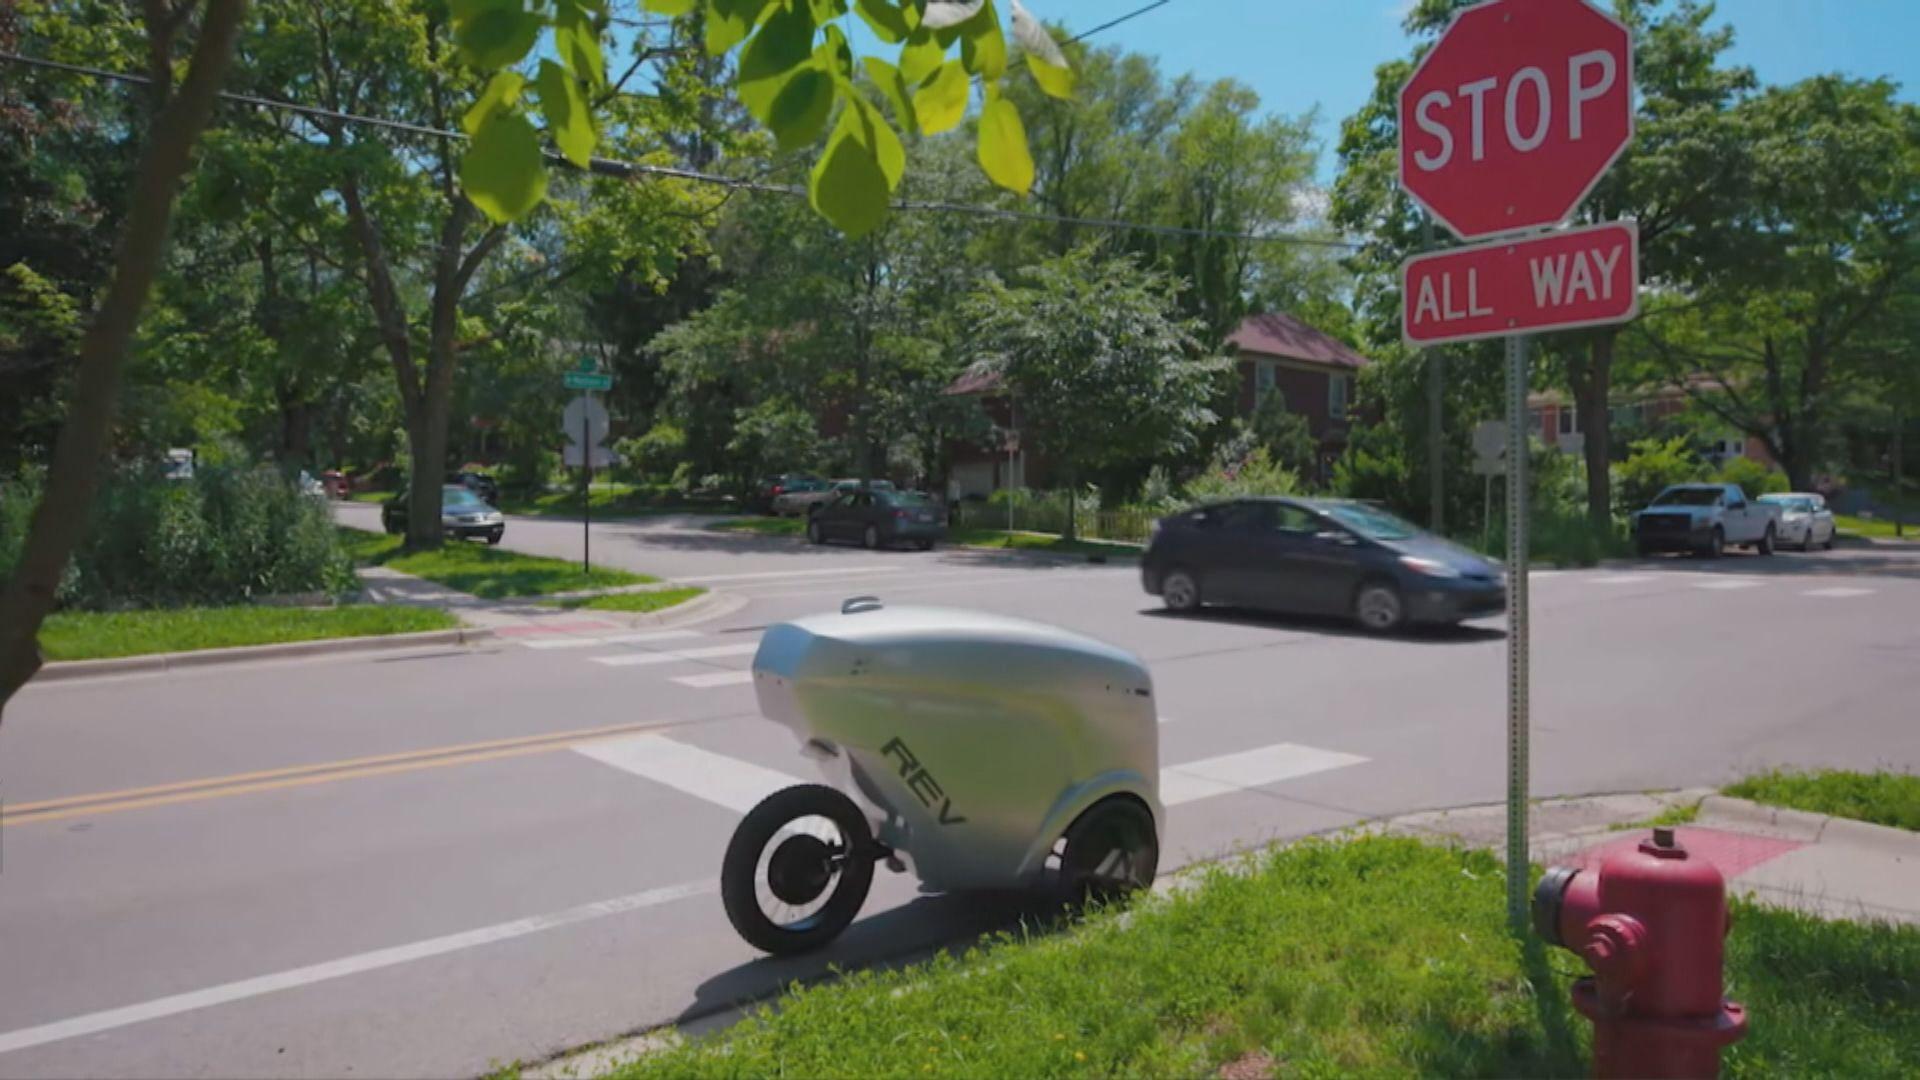 【環球薈報】美國科技公司推出全新自動送貨車